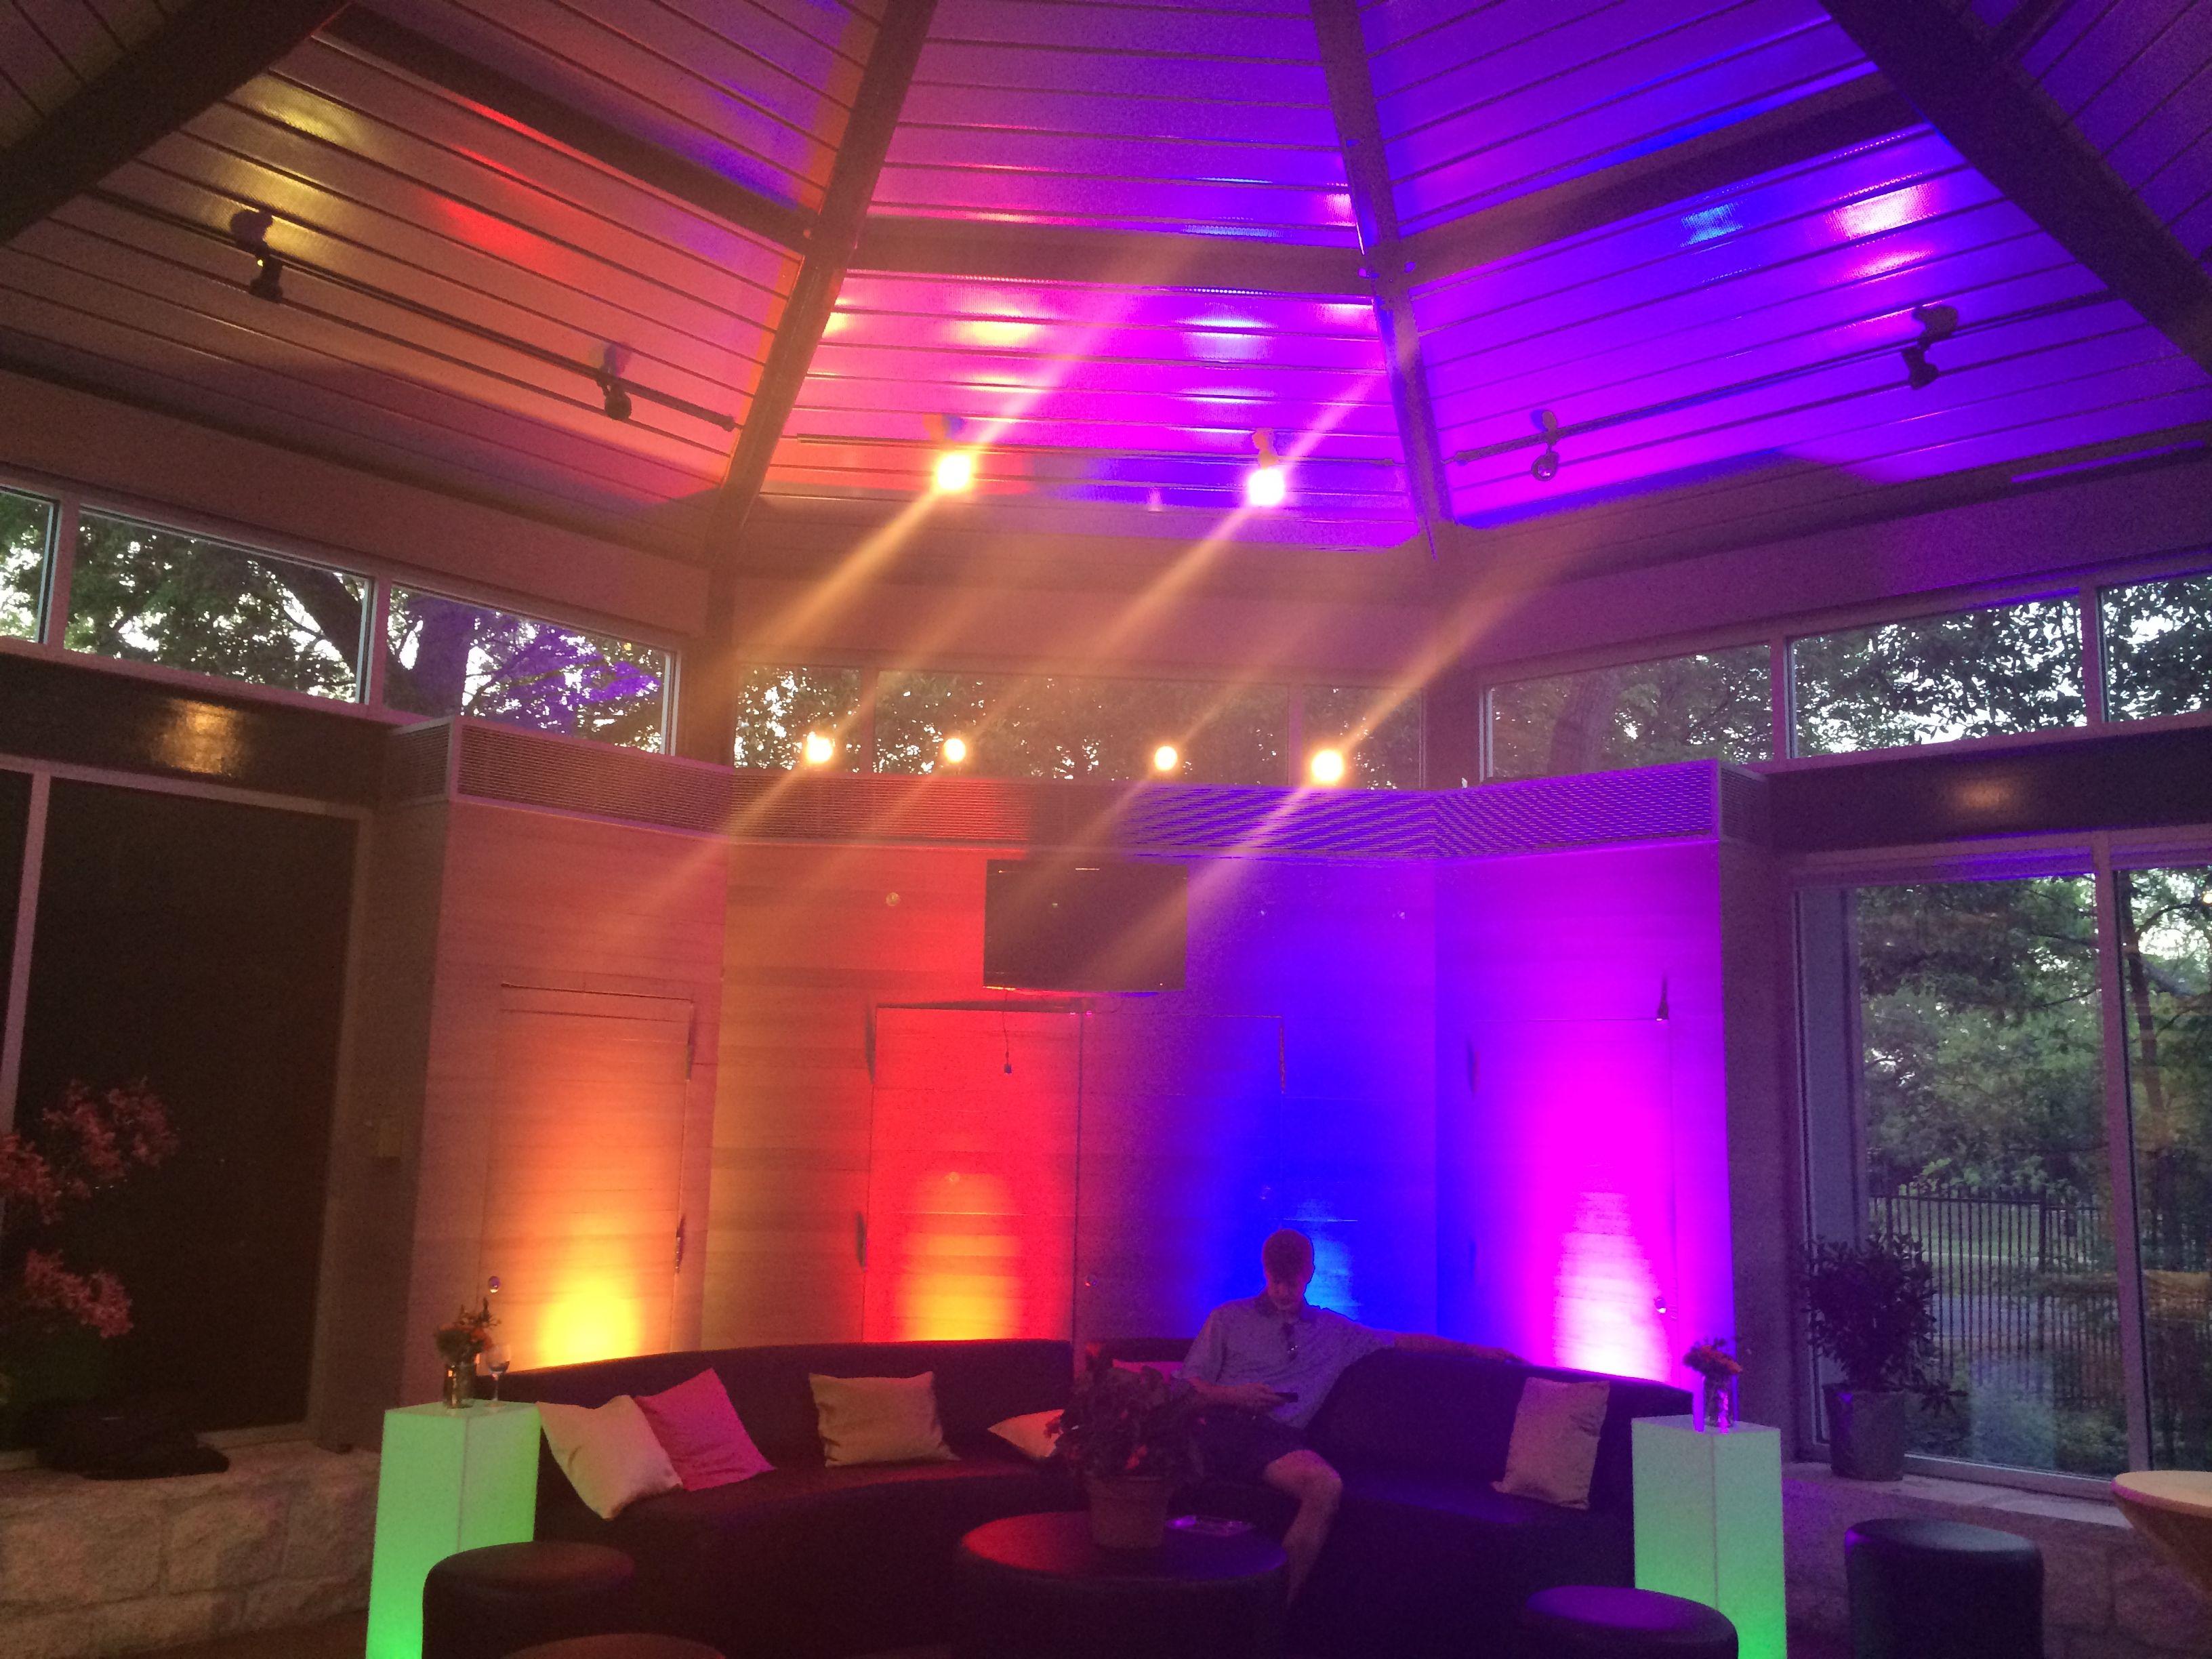 Intelligent Lighting Design At The Umlauf Sculpture Garden